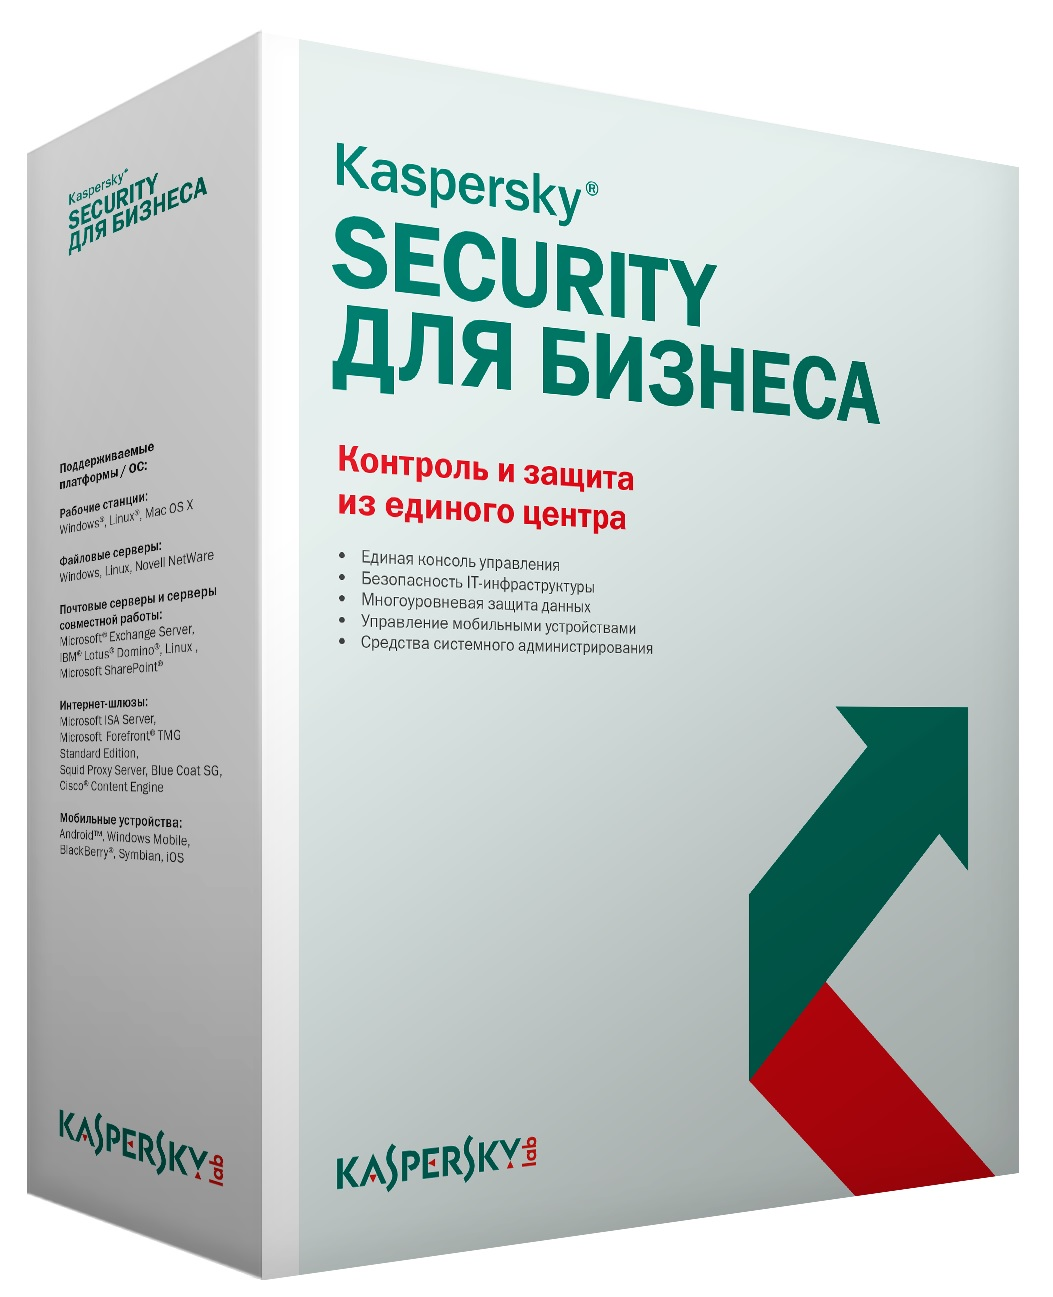 Kaspersky russian radio - 9cc5d